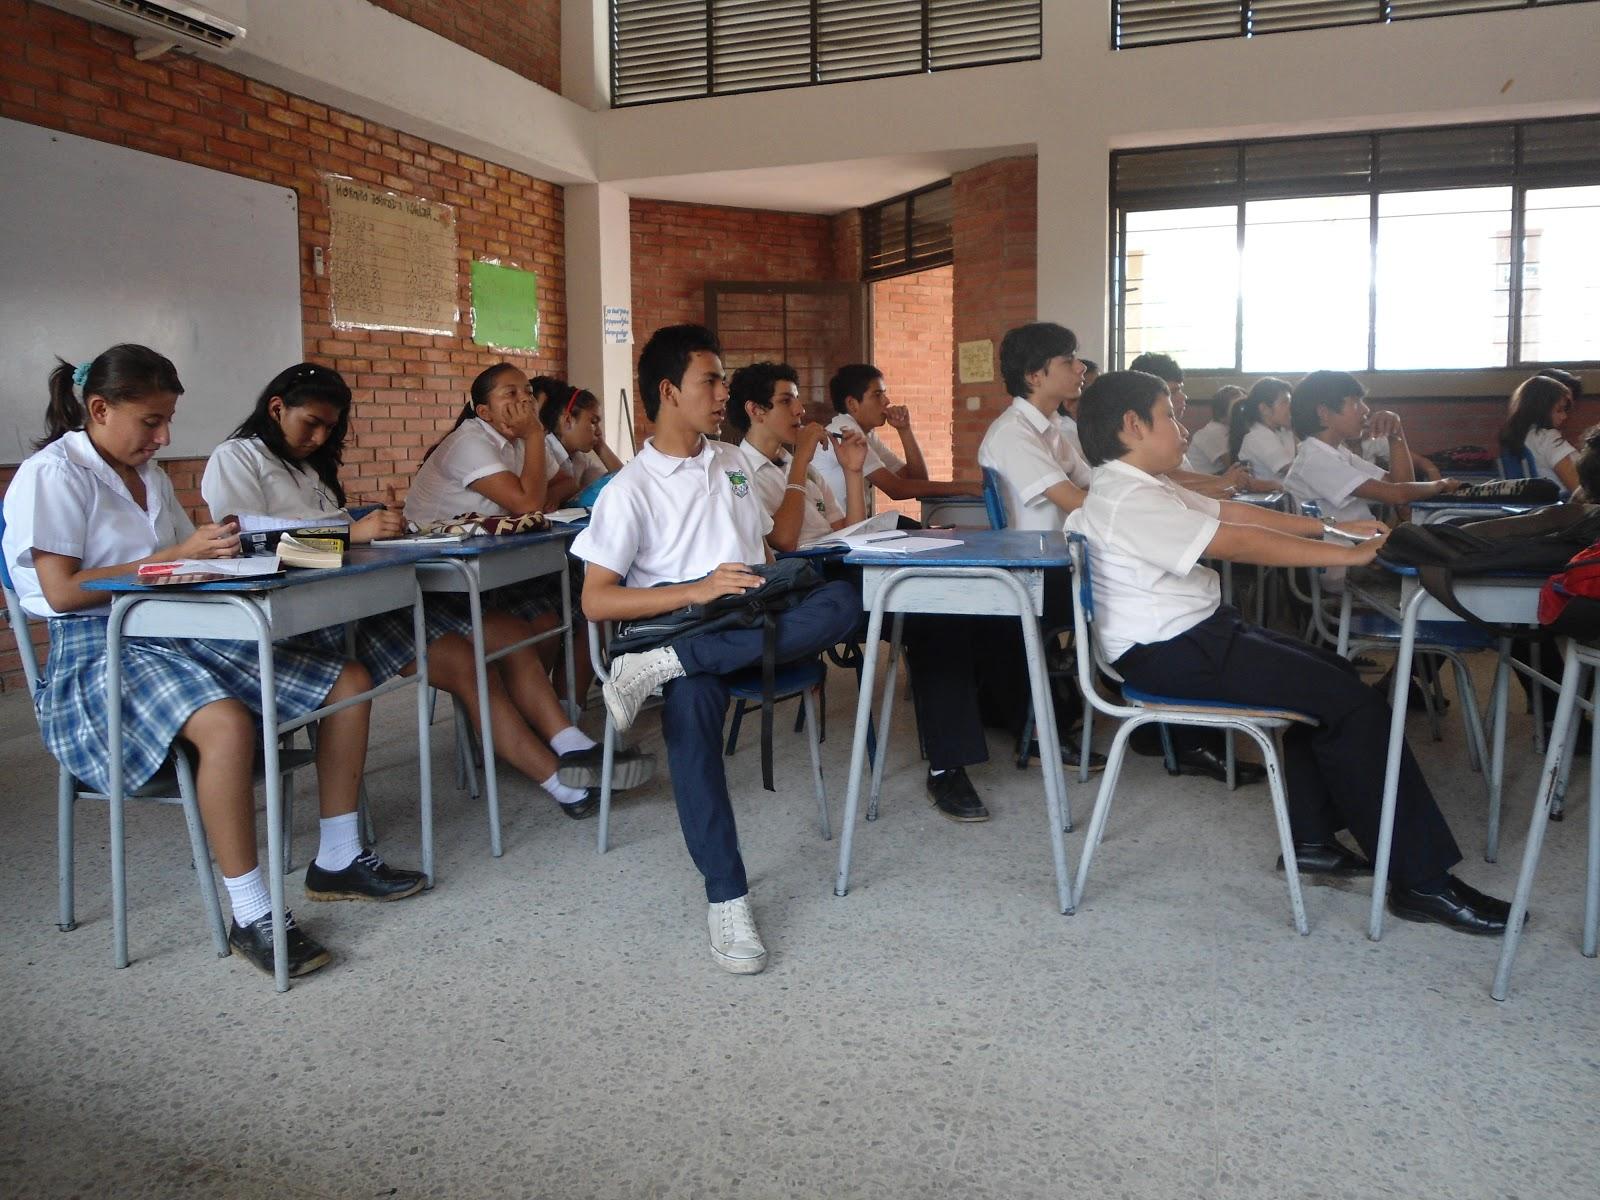 Gobernación de Casanare y Ministerio de Educación siguen en implementación de la Jornada Única